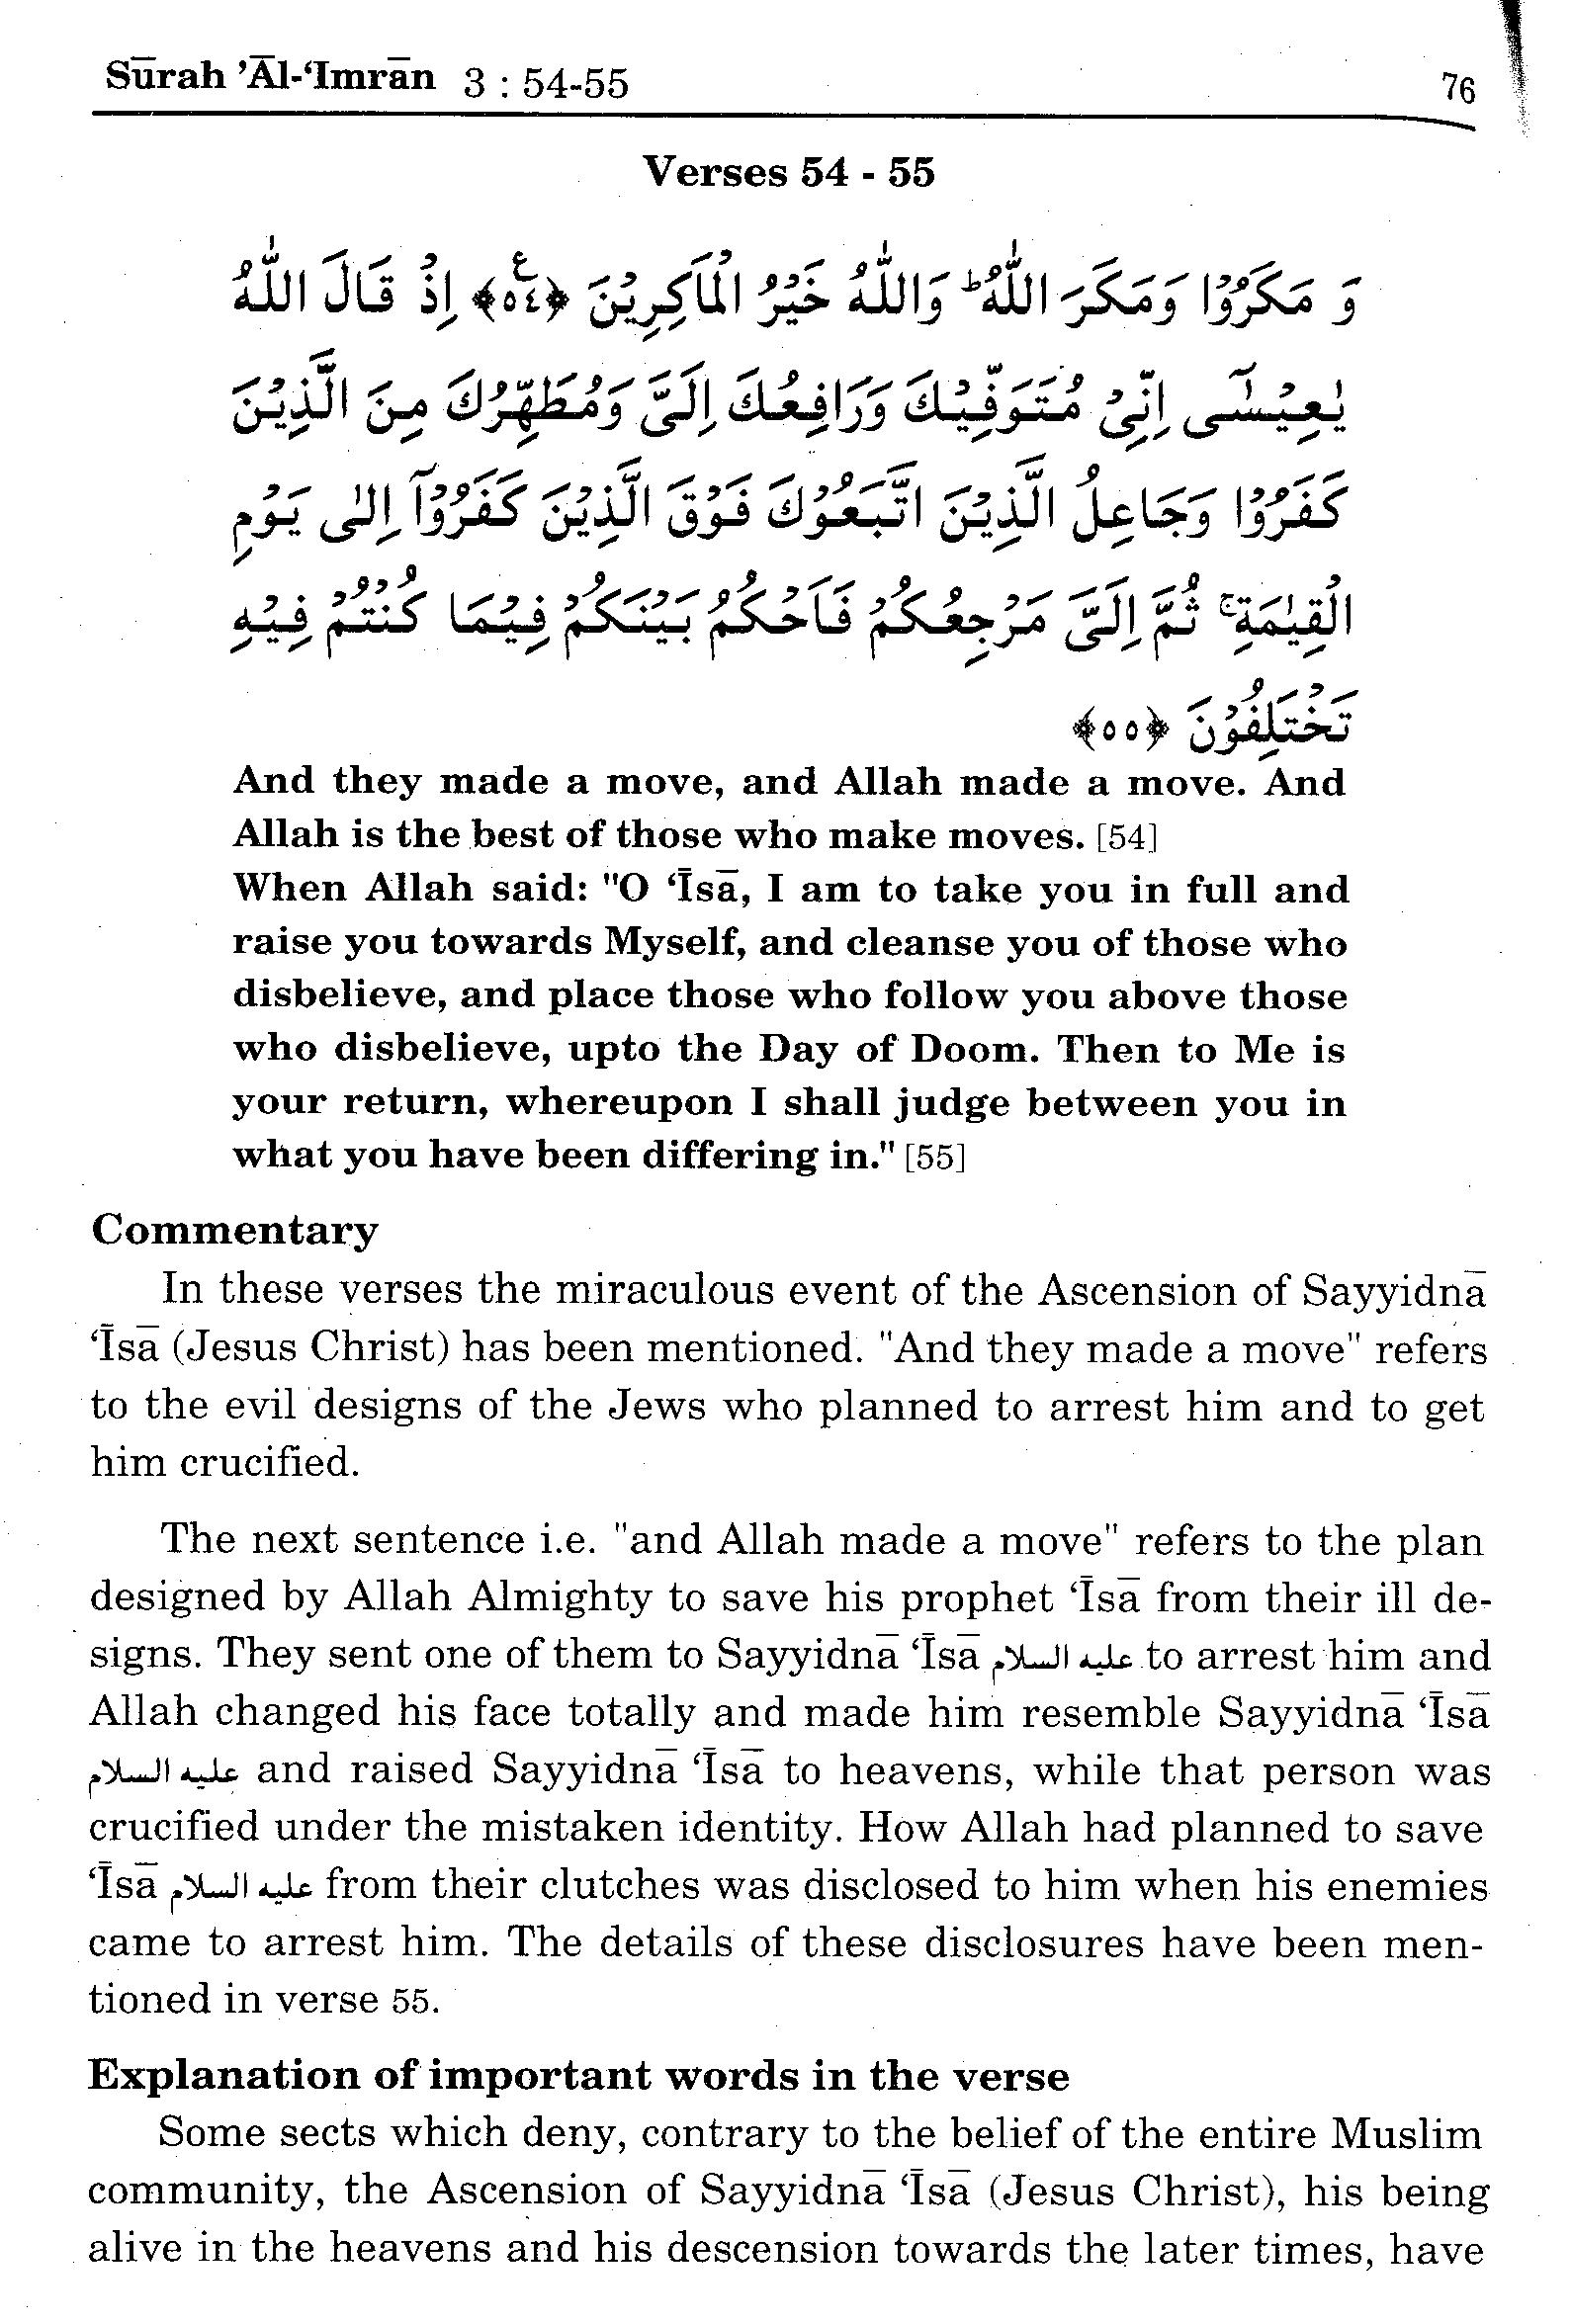 surah al i imran 3 54 55 maariful quran maarif ul quran quran